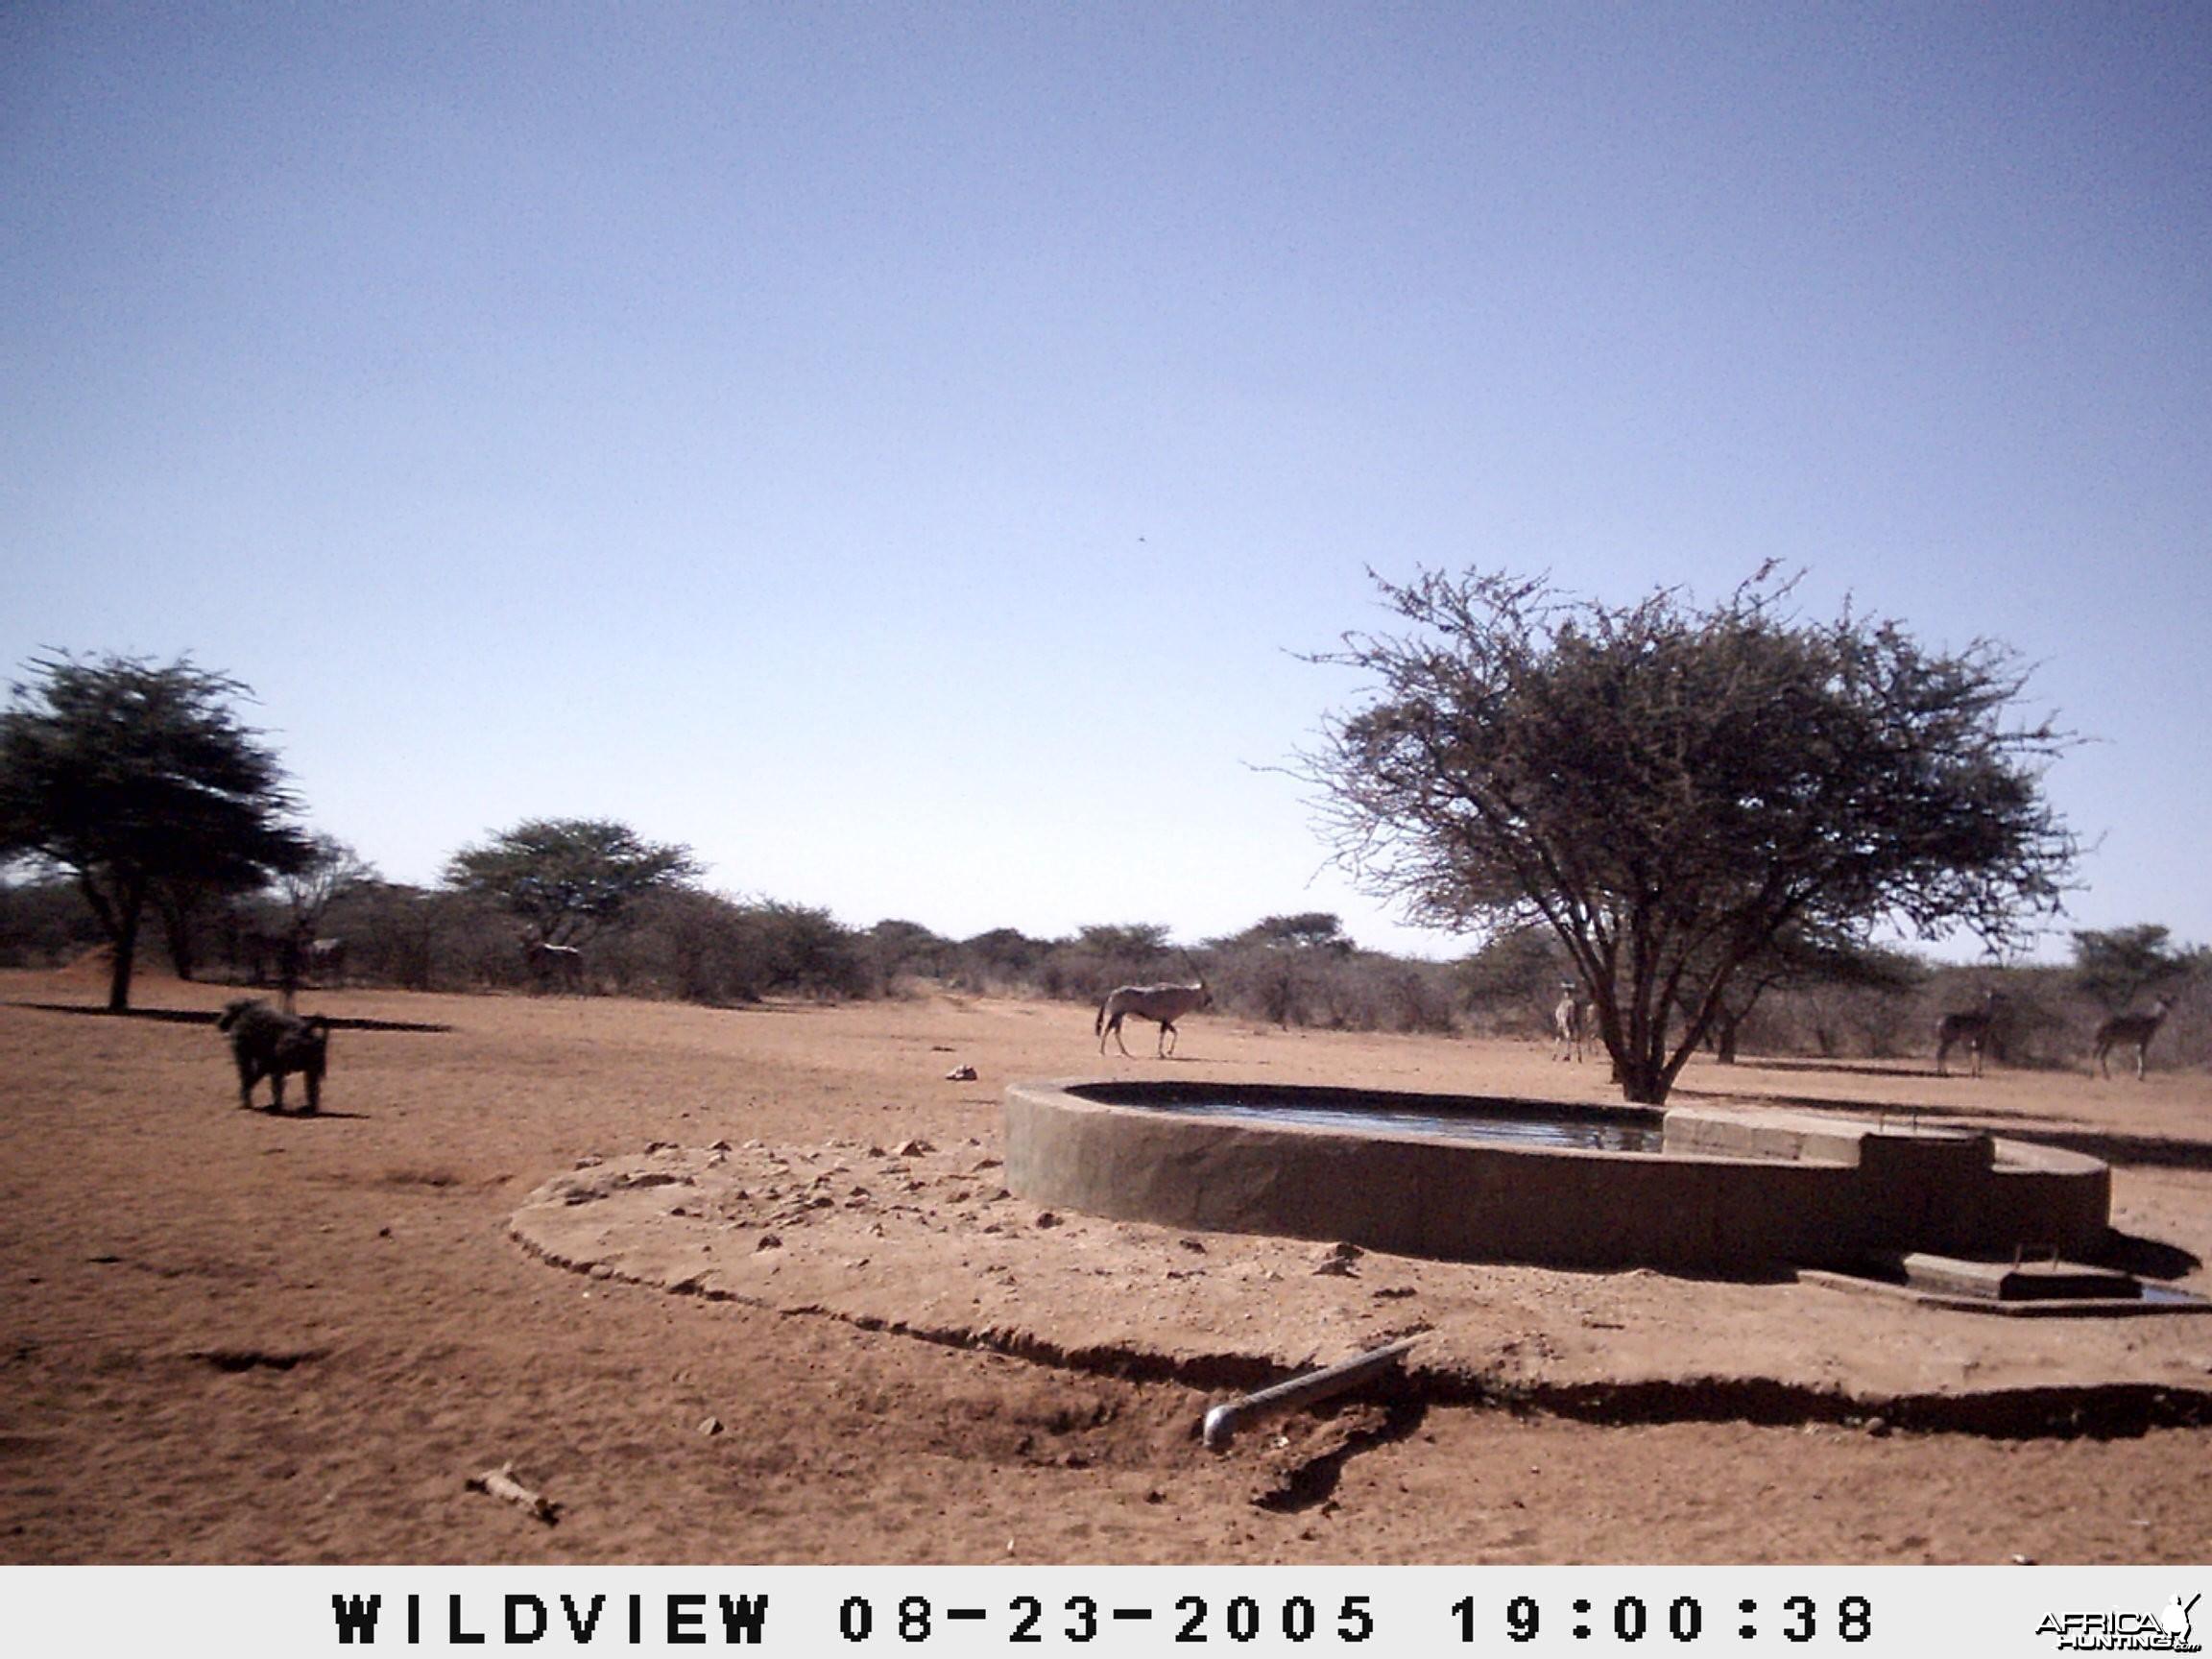 Gemsboks, Kudus and Baboons, Namibia